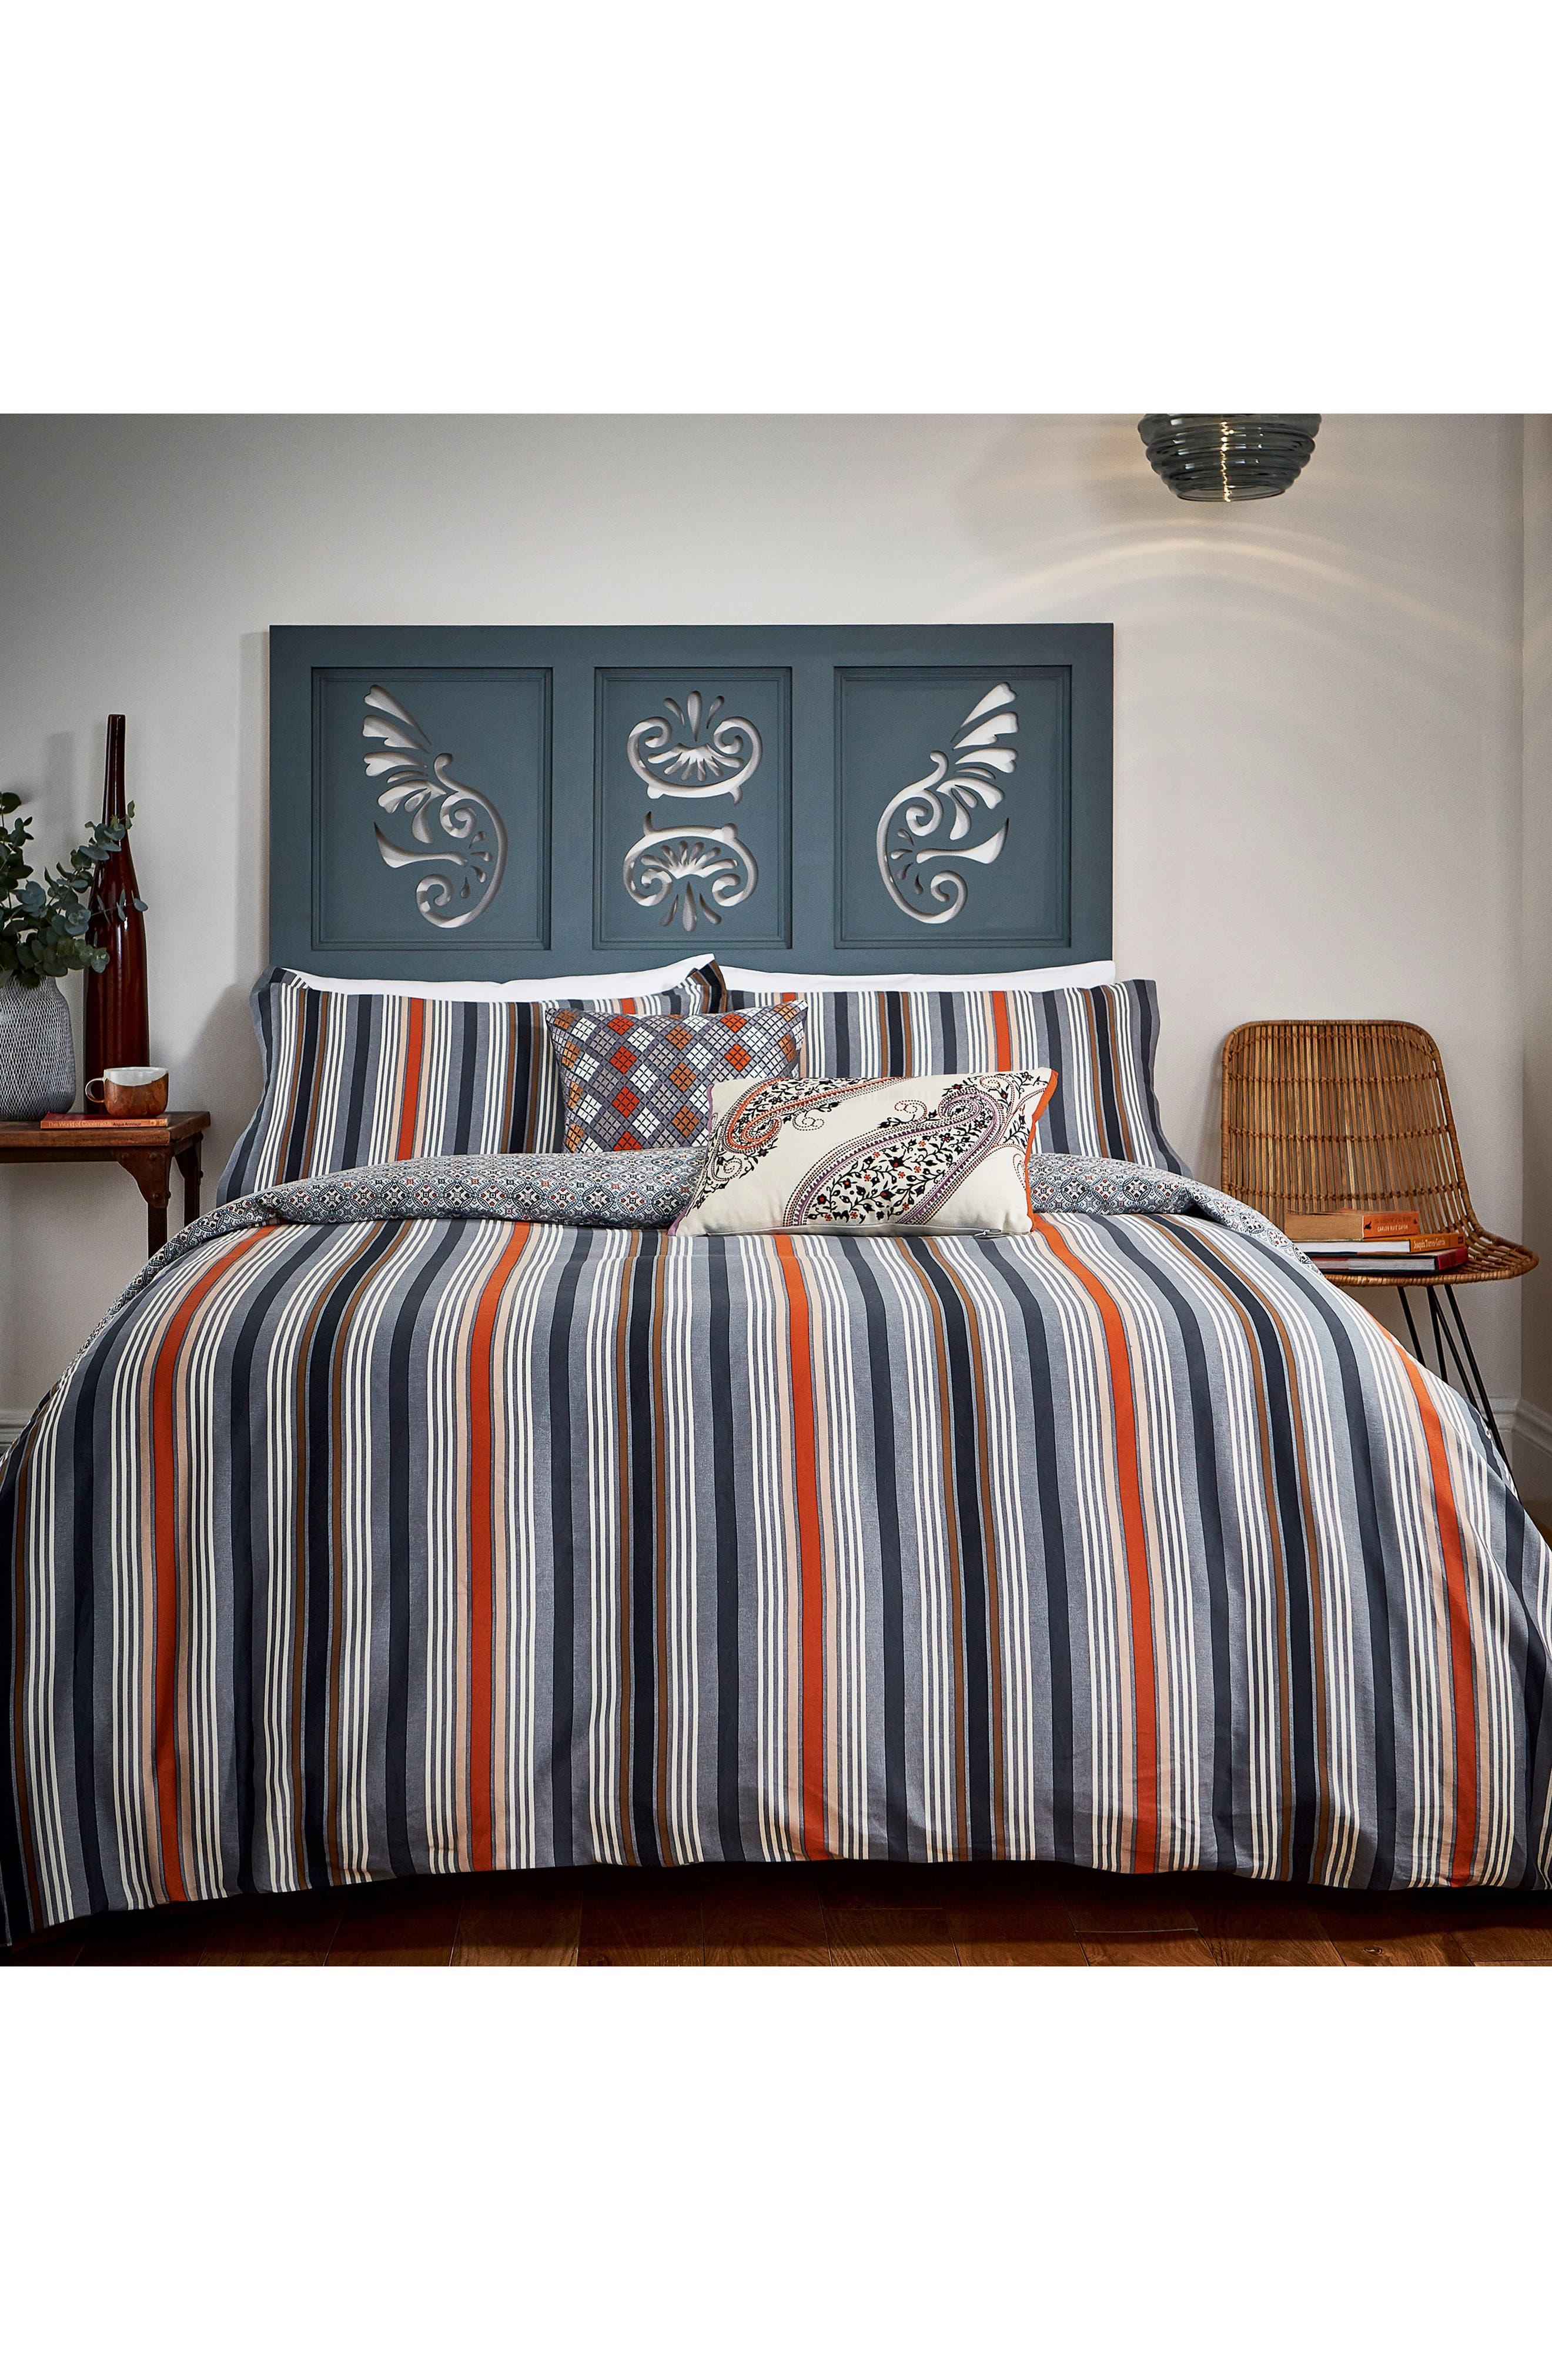 Bedeck Alba Comforter, Sham & Accent Pillow Set